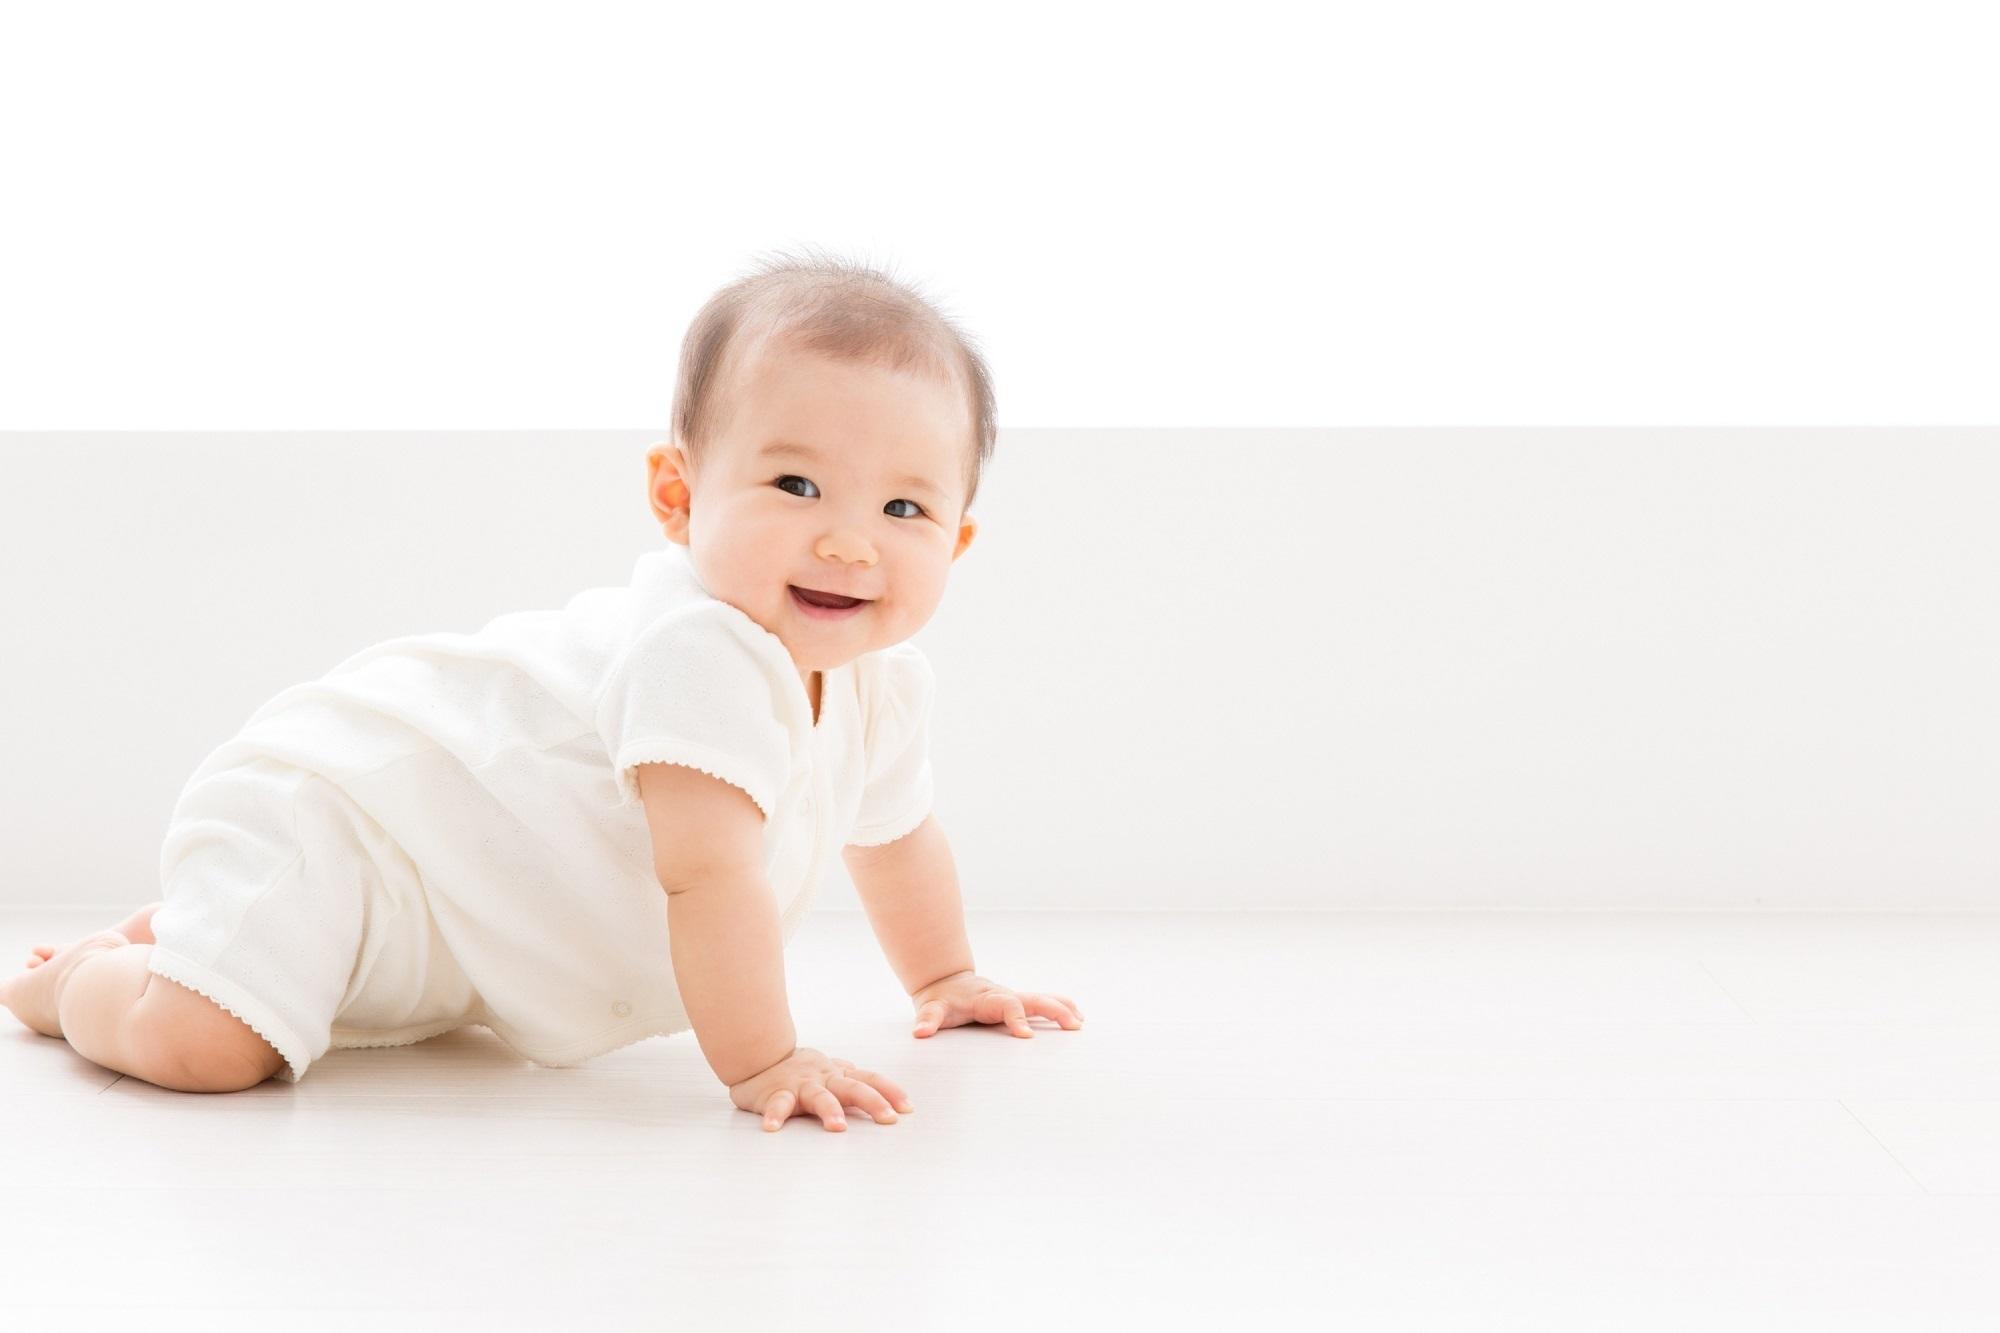 Thời điểm bé biết ngồi và cách luyện tập ngồi cho bé không để ảnh hưởng đến cột sống - Ảnh 3